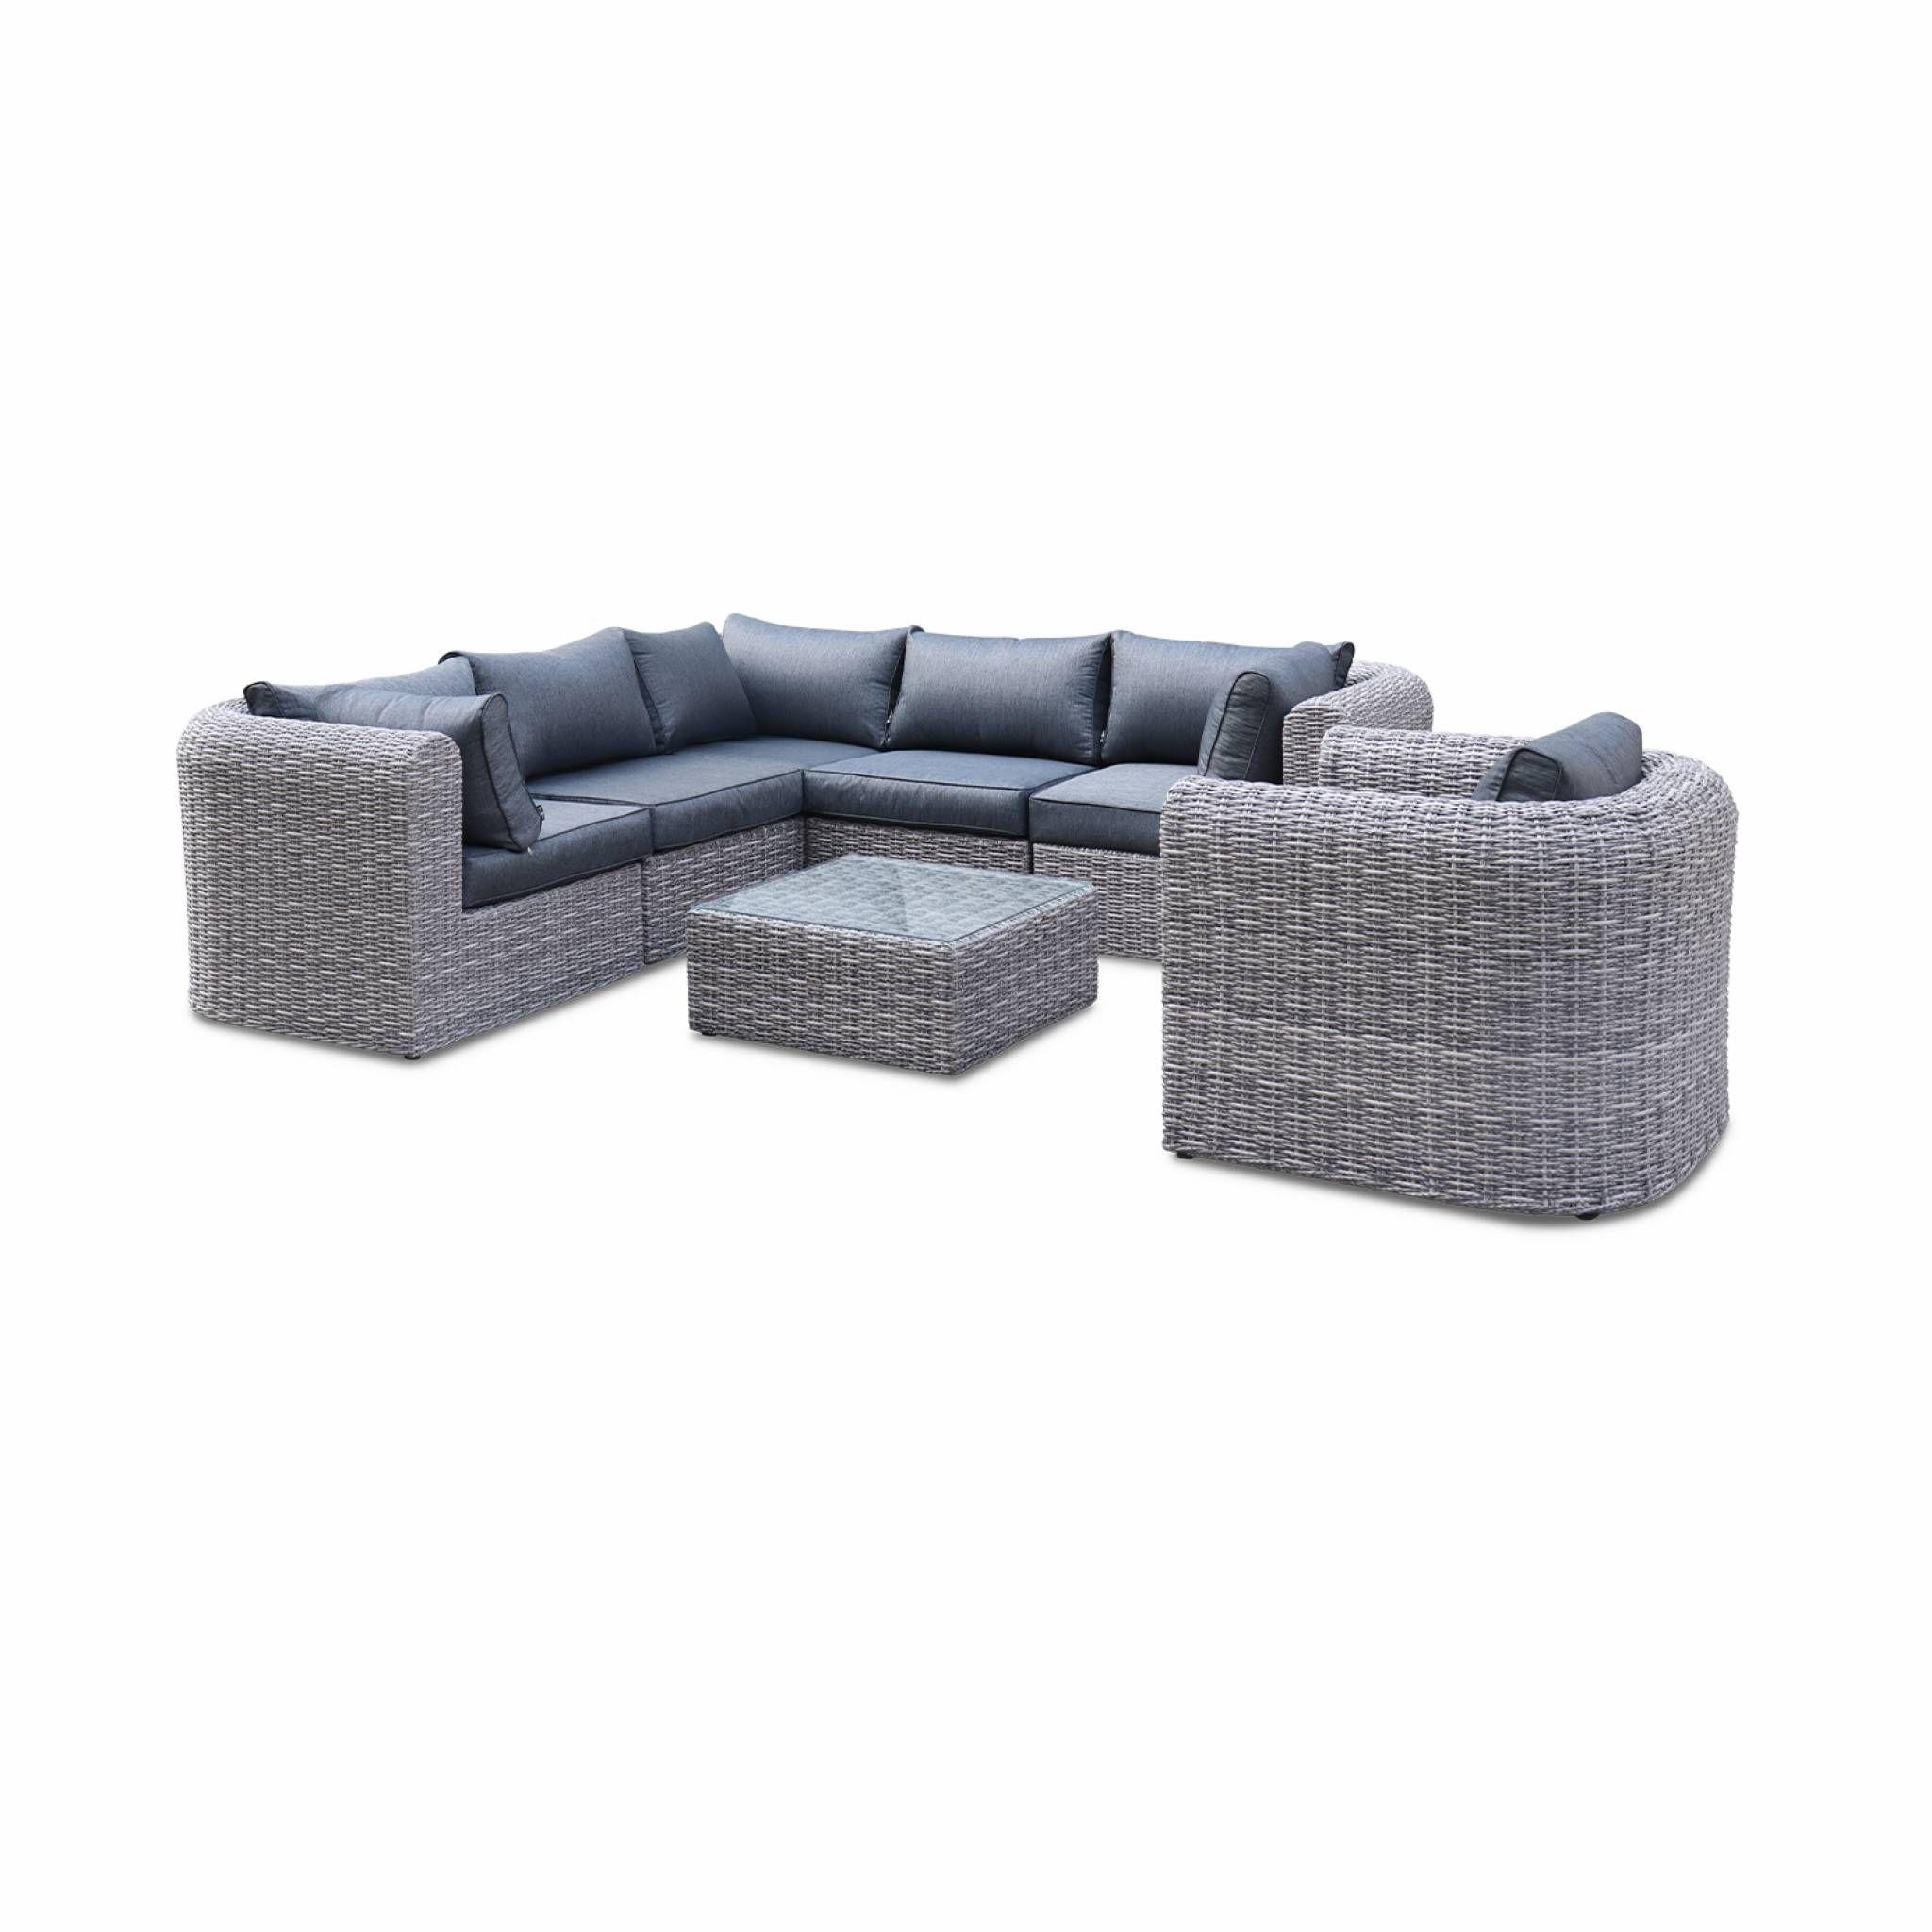 salon de jardin tonico en r sine tress e arrondie 3 tailles 6 places canap fauteuil achat. Black Bedroom Furniture Sets. Home Design Ideas